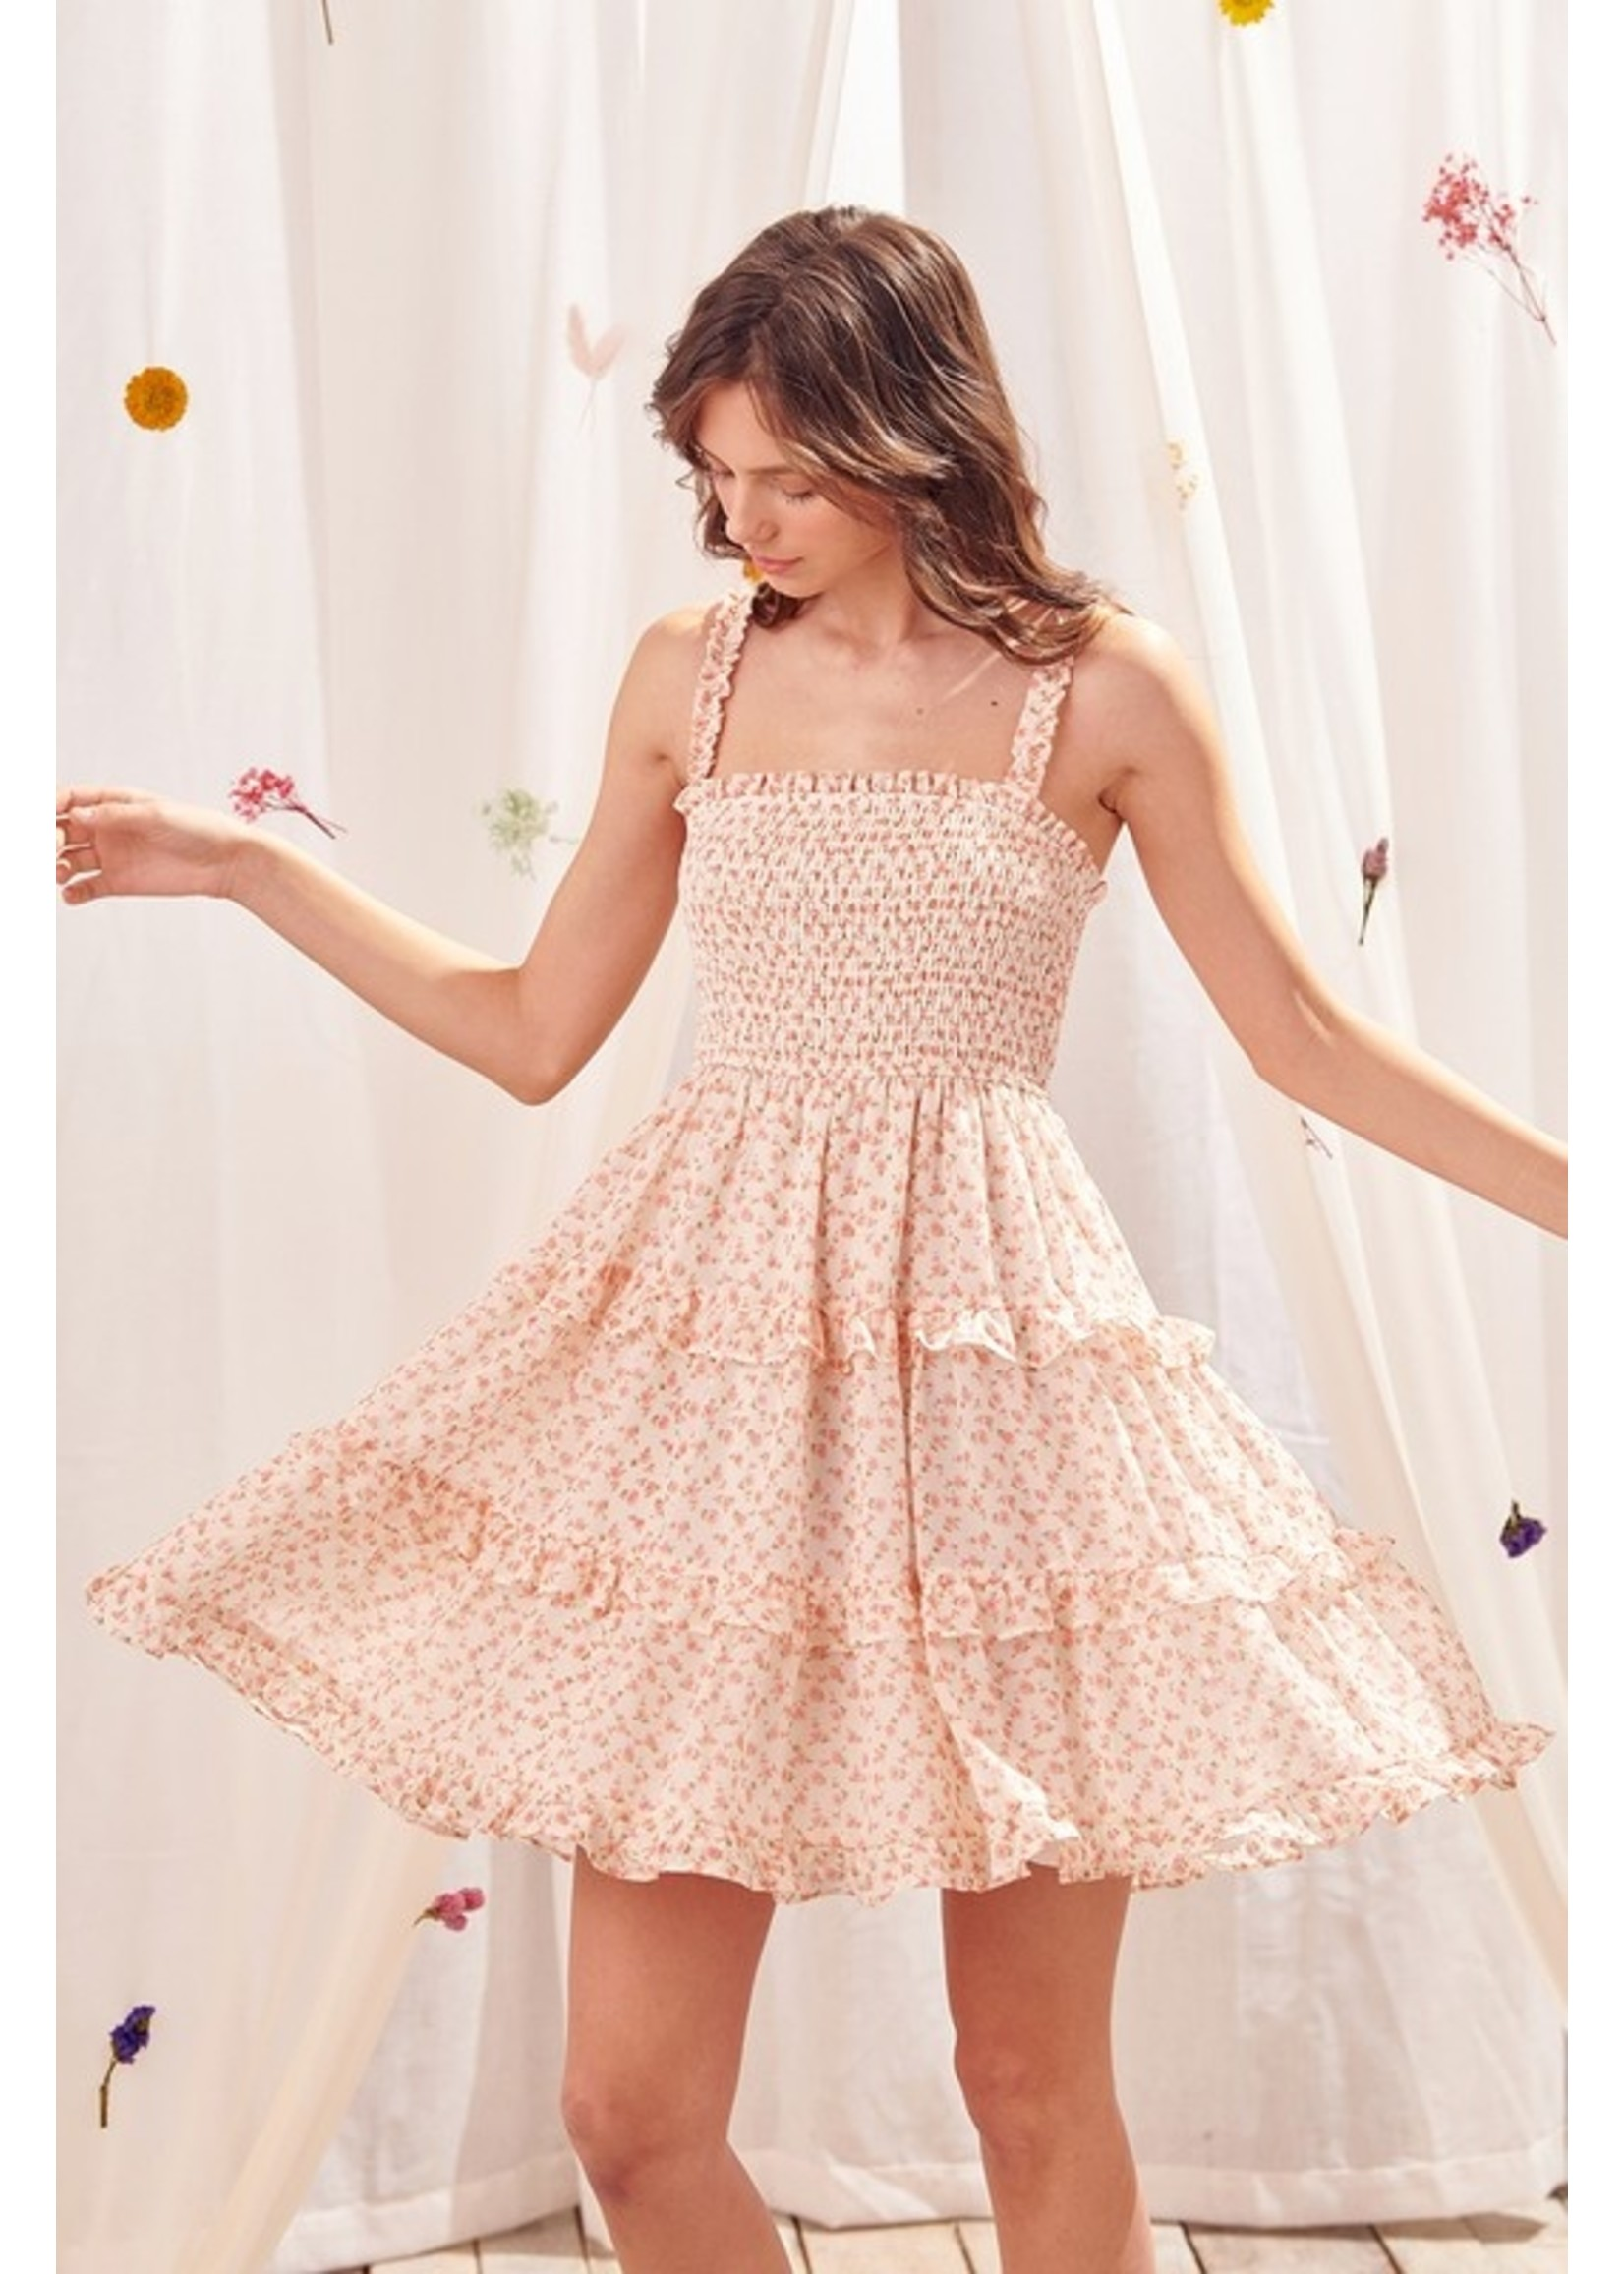 Storia Floral Smocked Mini Dress - JD3173